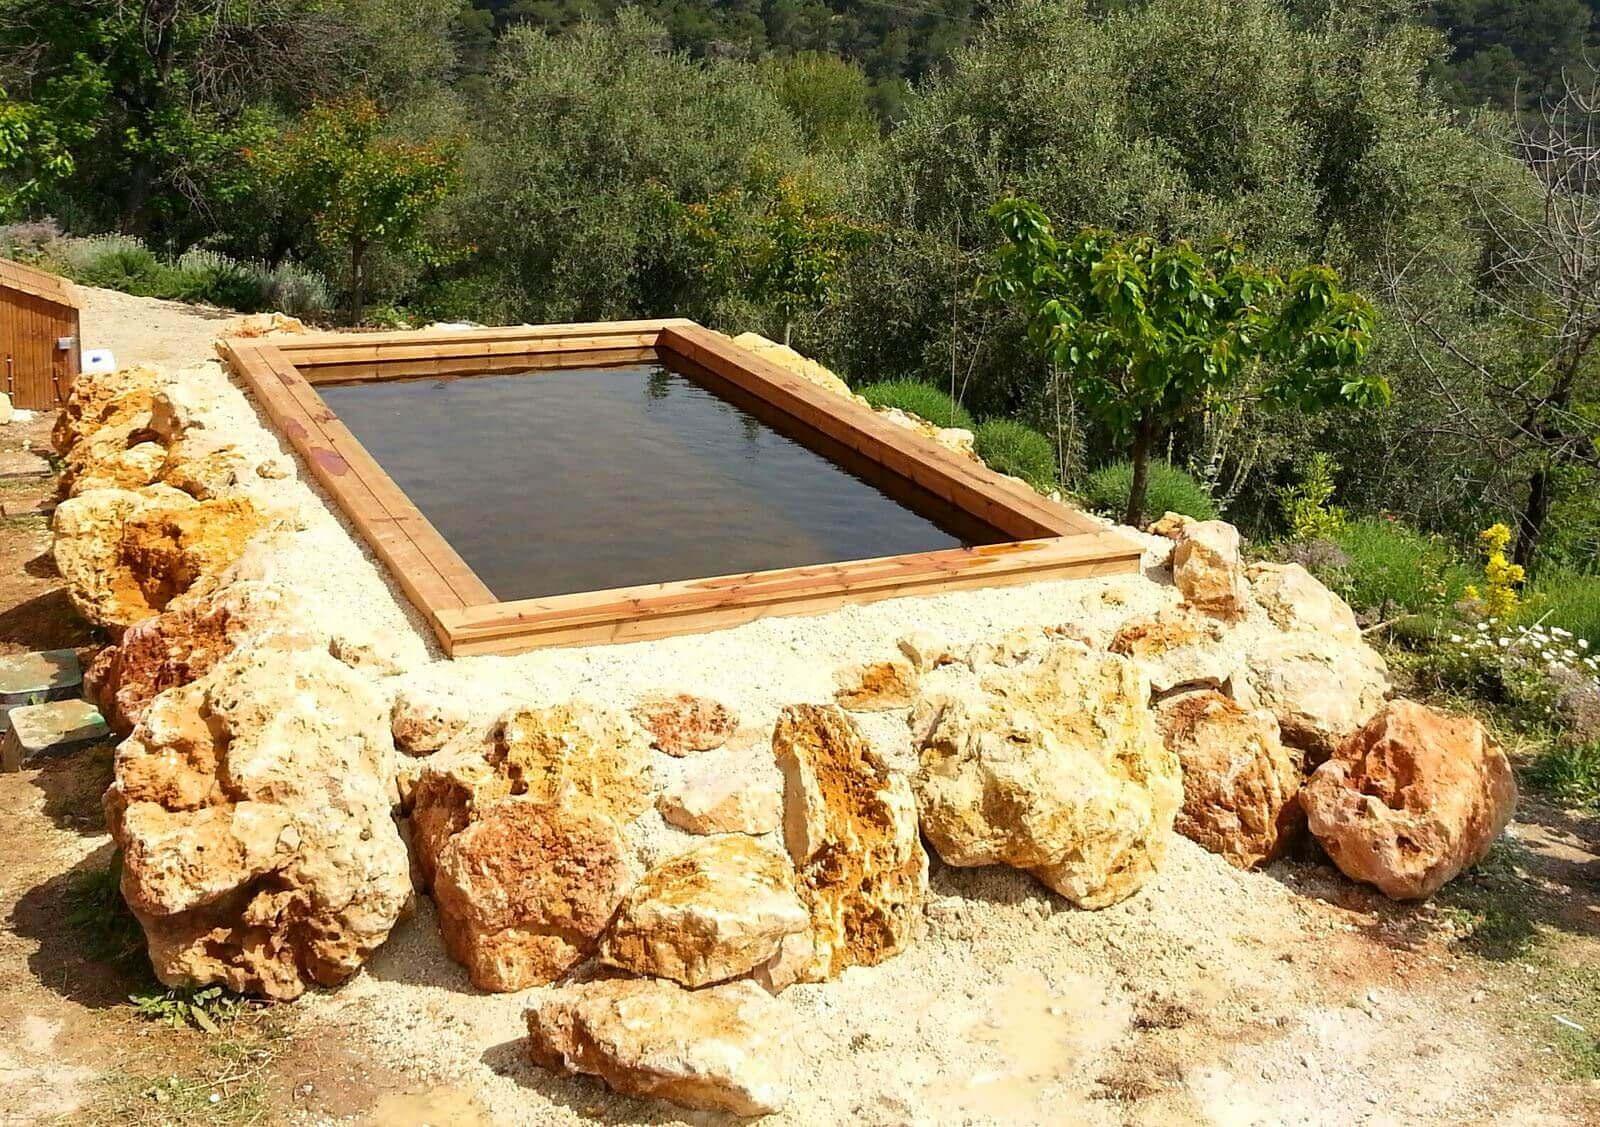 Voir Piscine Hors Sol photos de piscines en bois hors sol sur mesure, sans liner